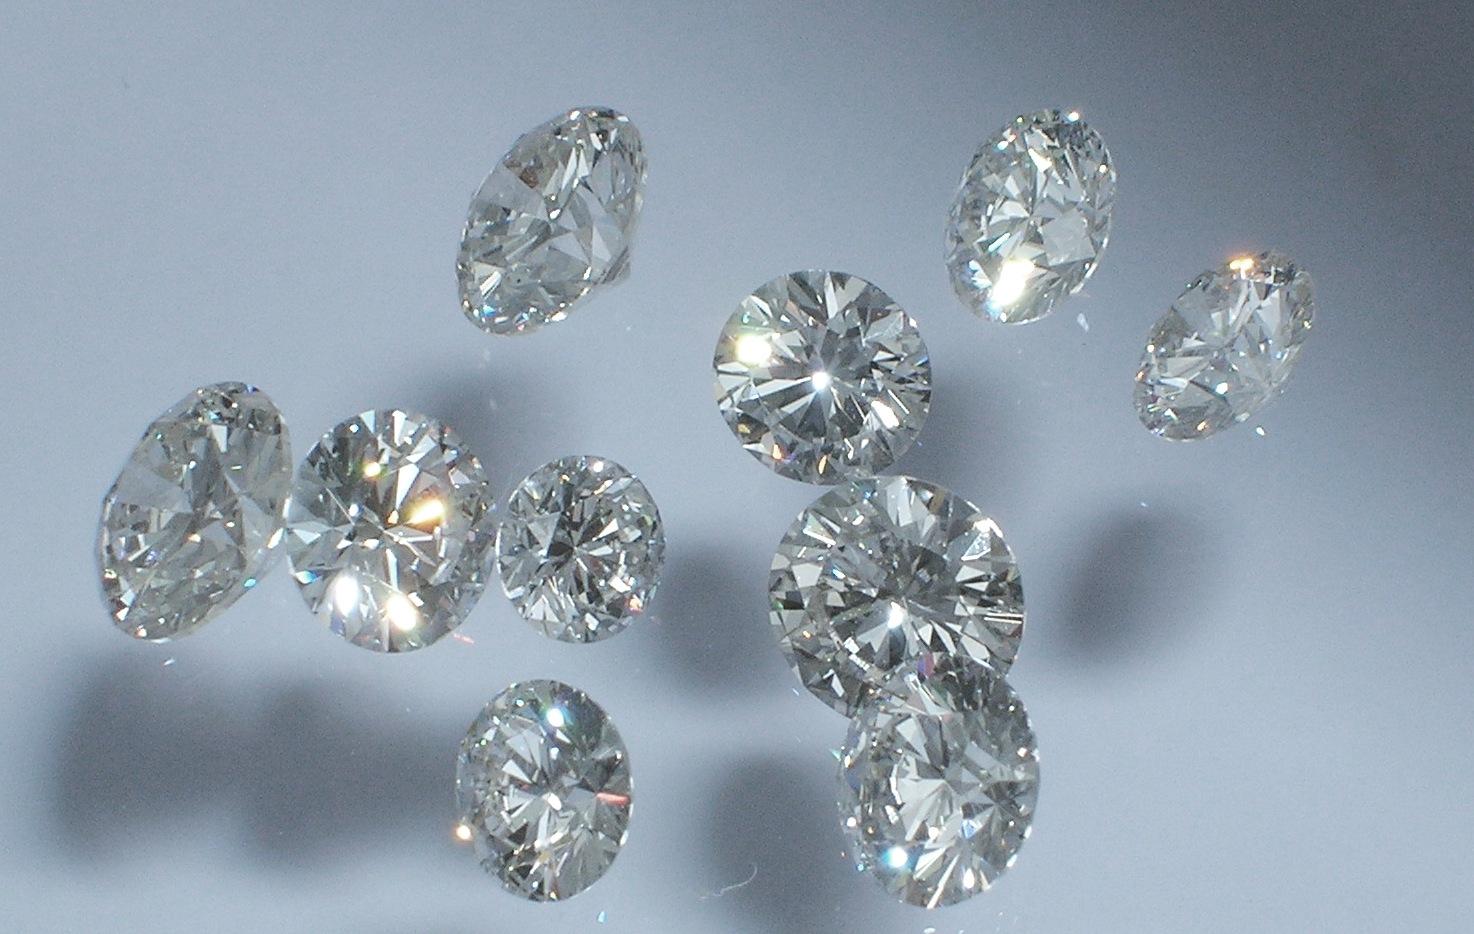 http://3.bp.blogspot.com/-oiDeRMUJzWc/Tz1LIwjmxiI/AAAAAAAAI0c/p2l7l3mVIgc/s1600/Diamonds+Wallpapers.jpg